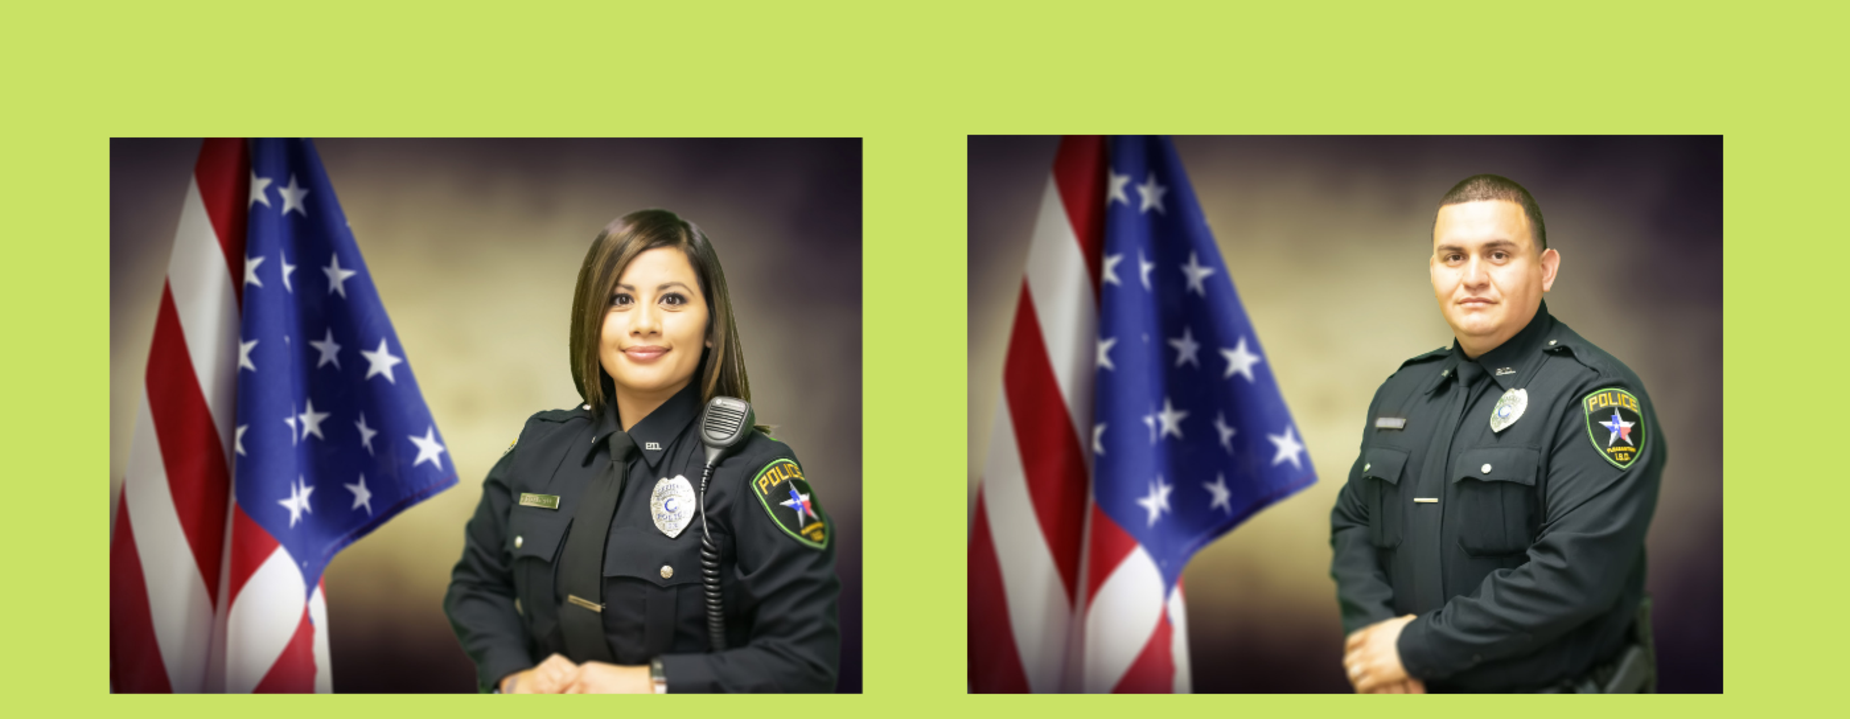 Officer Delgado and Officer Lozano